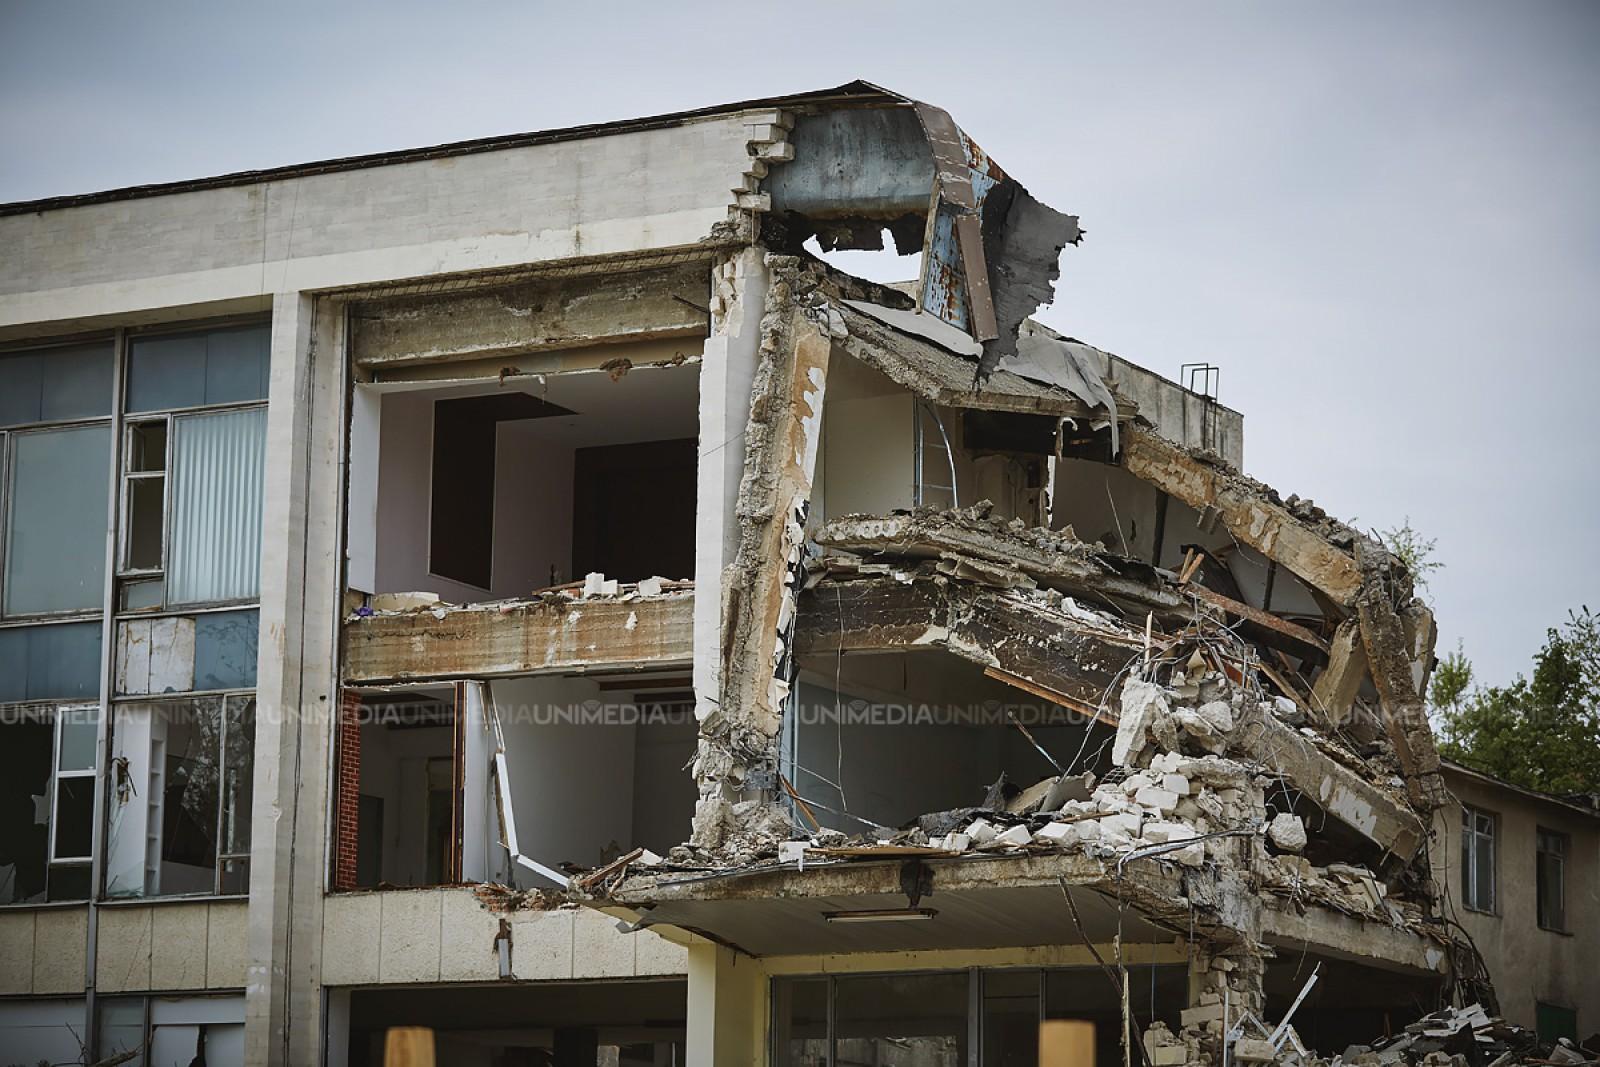 Mold-street: Doar una din zece construcții neautorizate ajung să fie demolate